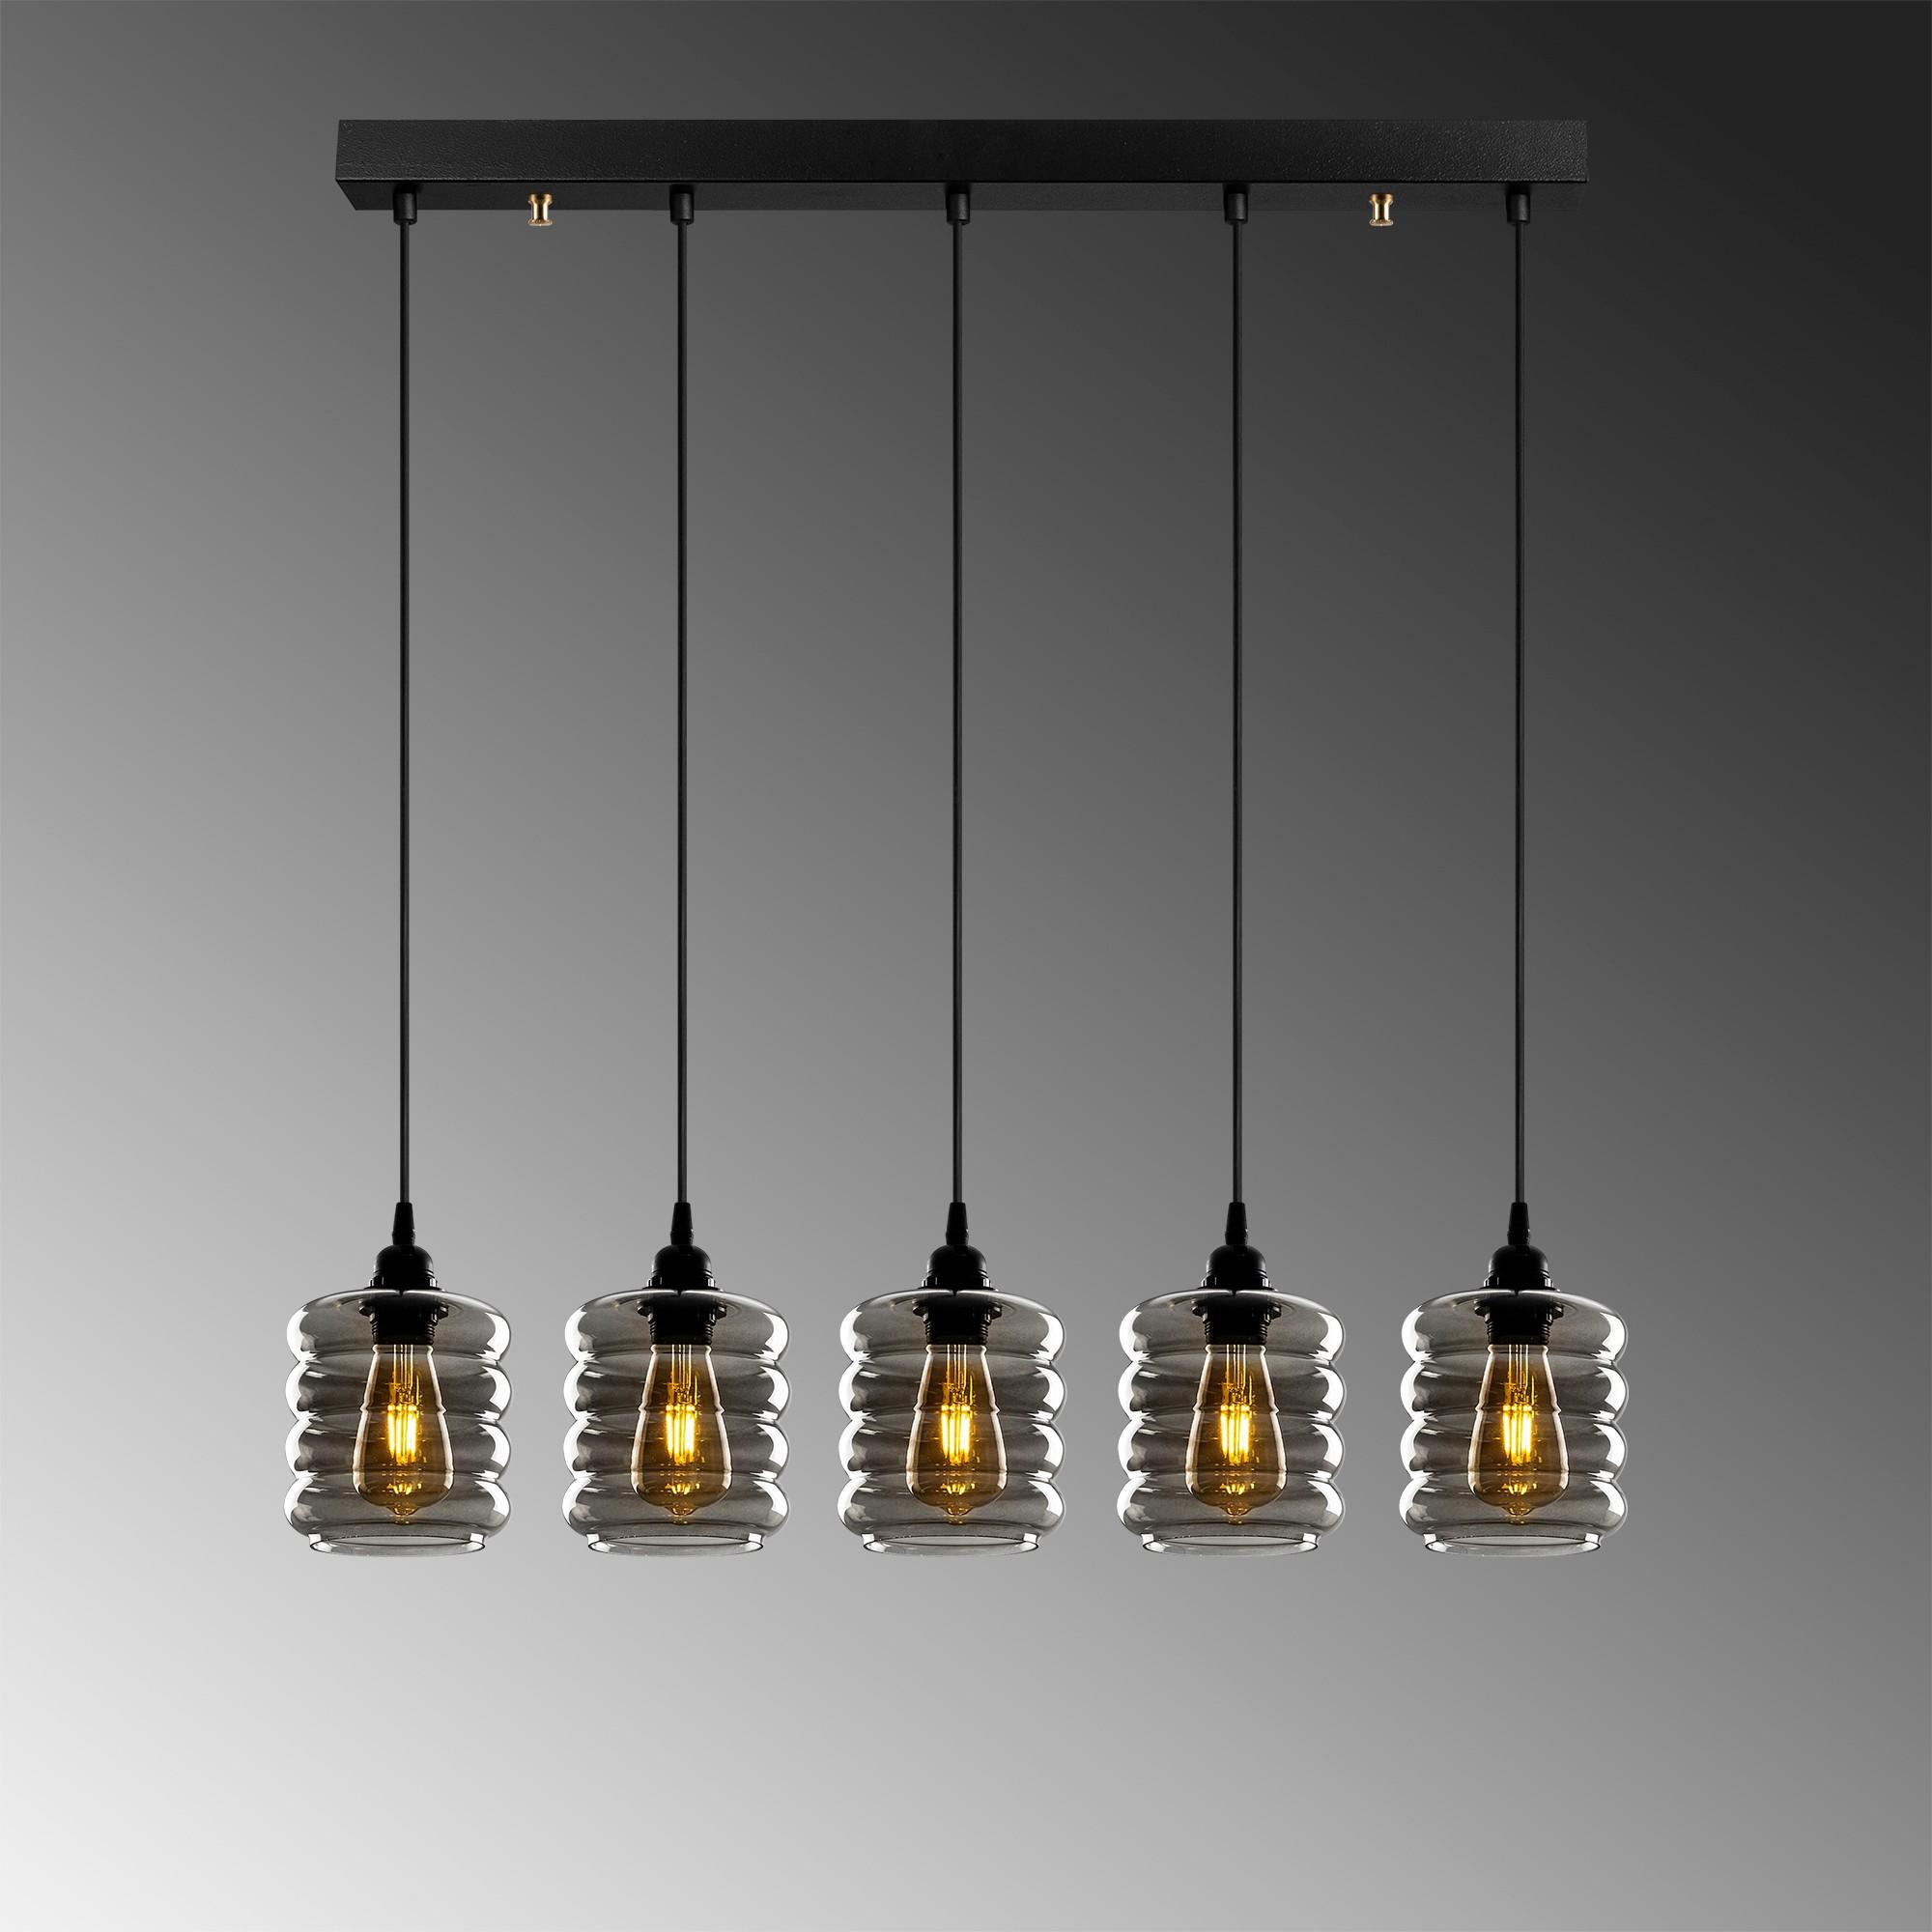 Hanglamp gerookt glas 5 keer e27 fitting IP20 - grijze achtergrond